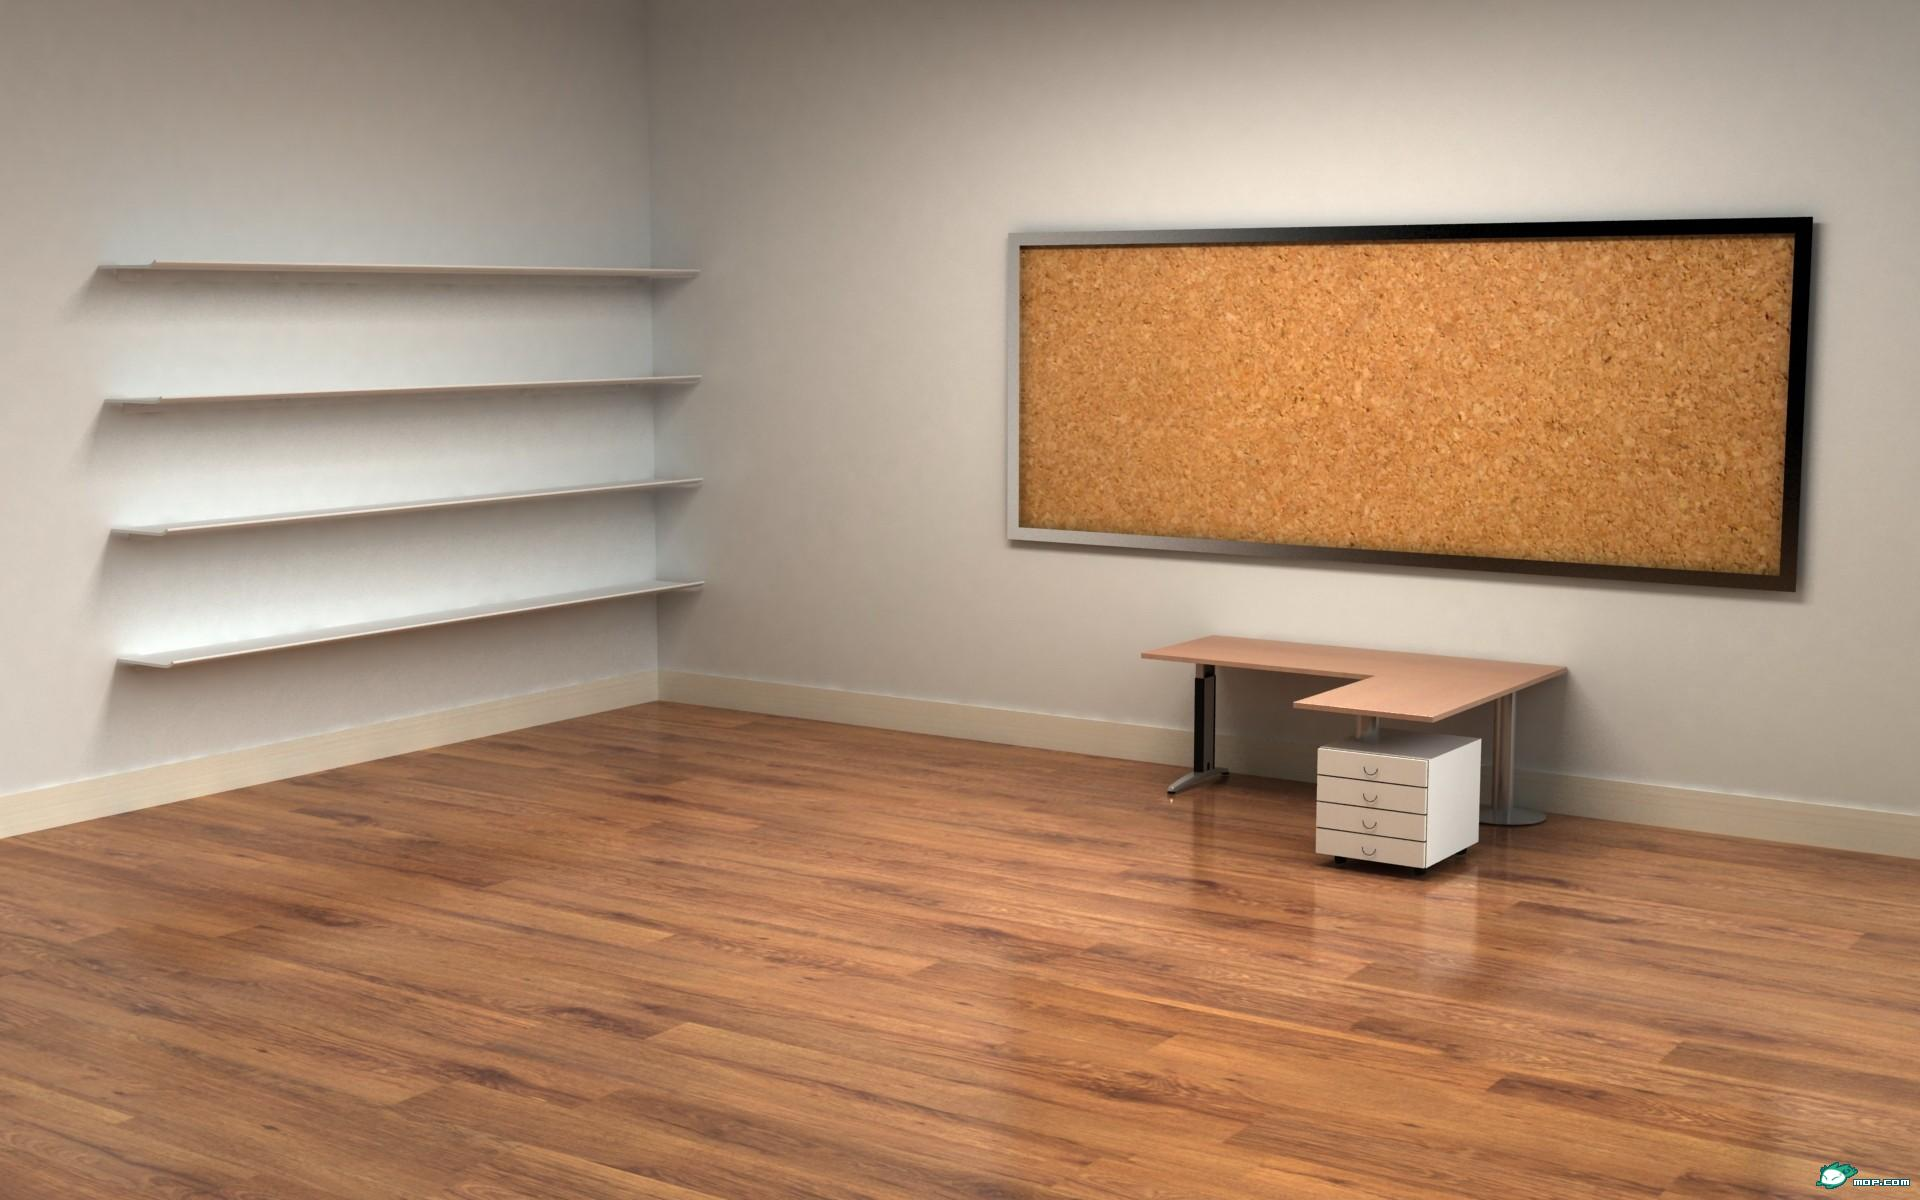 求一张电脑界面的壁纸 大概是一个房间 有个书架 有张桌子 可以把电脑图标放上面的!!!